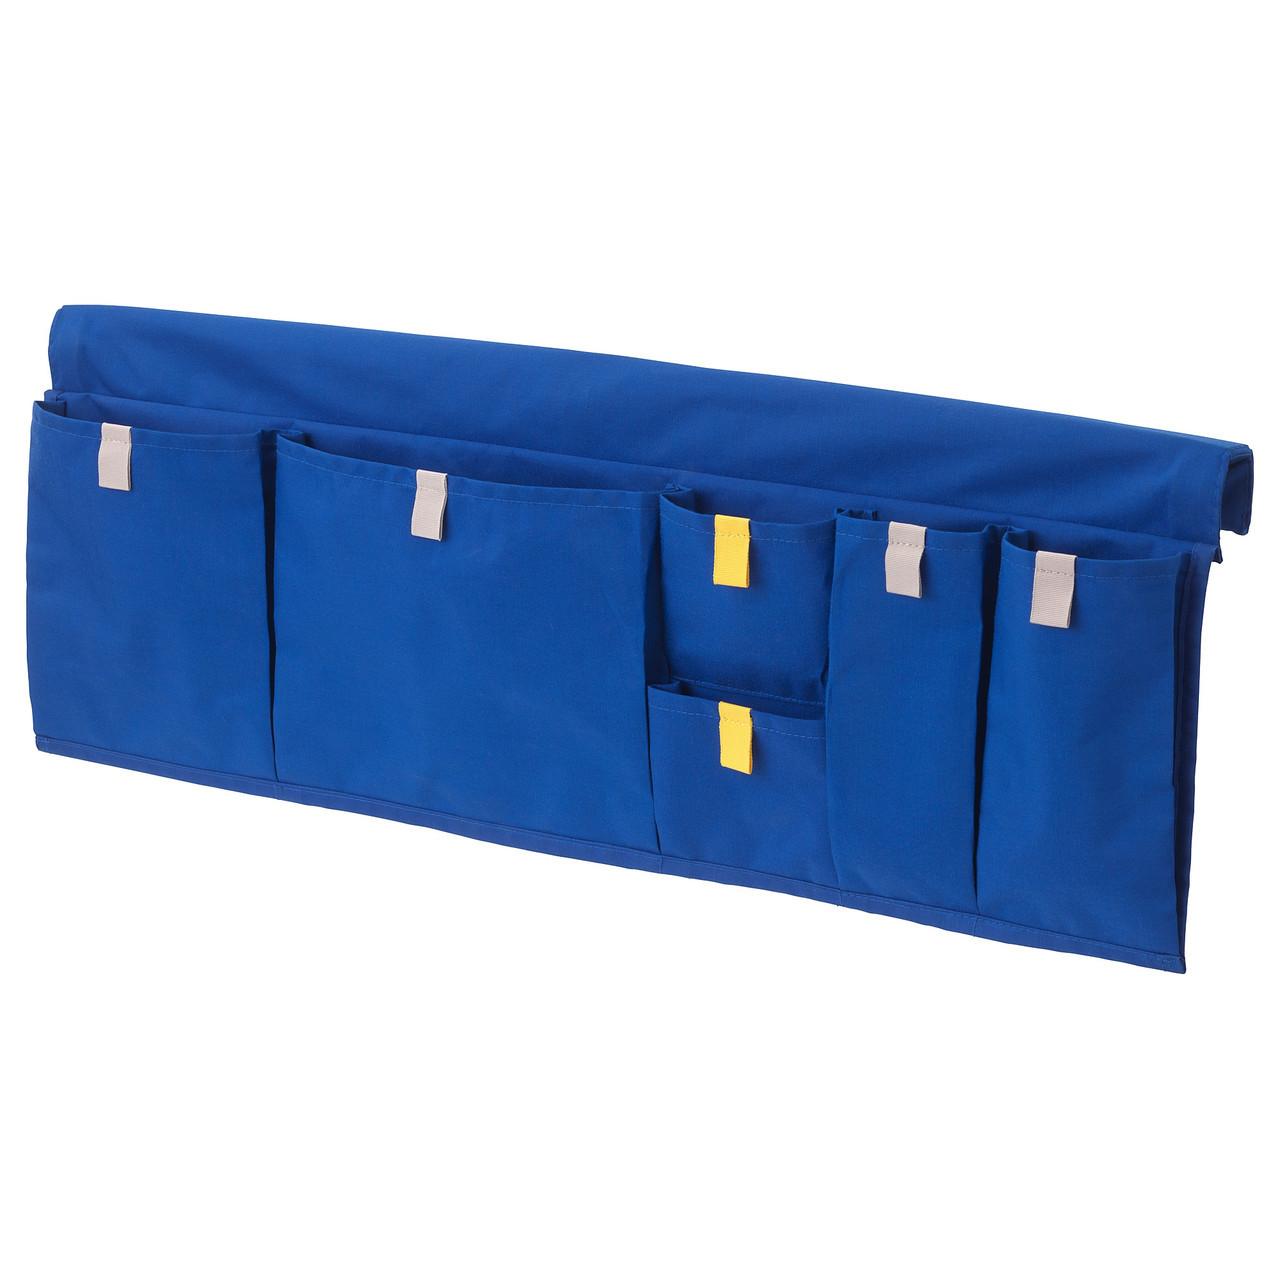 Карман для кровати IKEA MÖJLIGHET 75x27 см синий 804.213.89